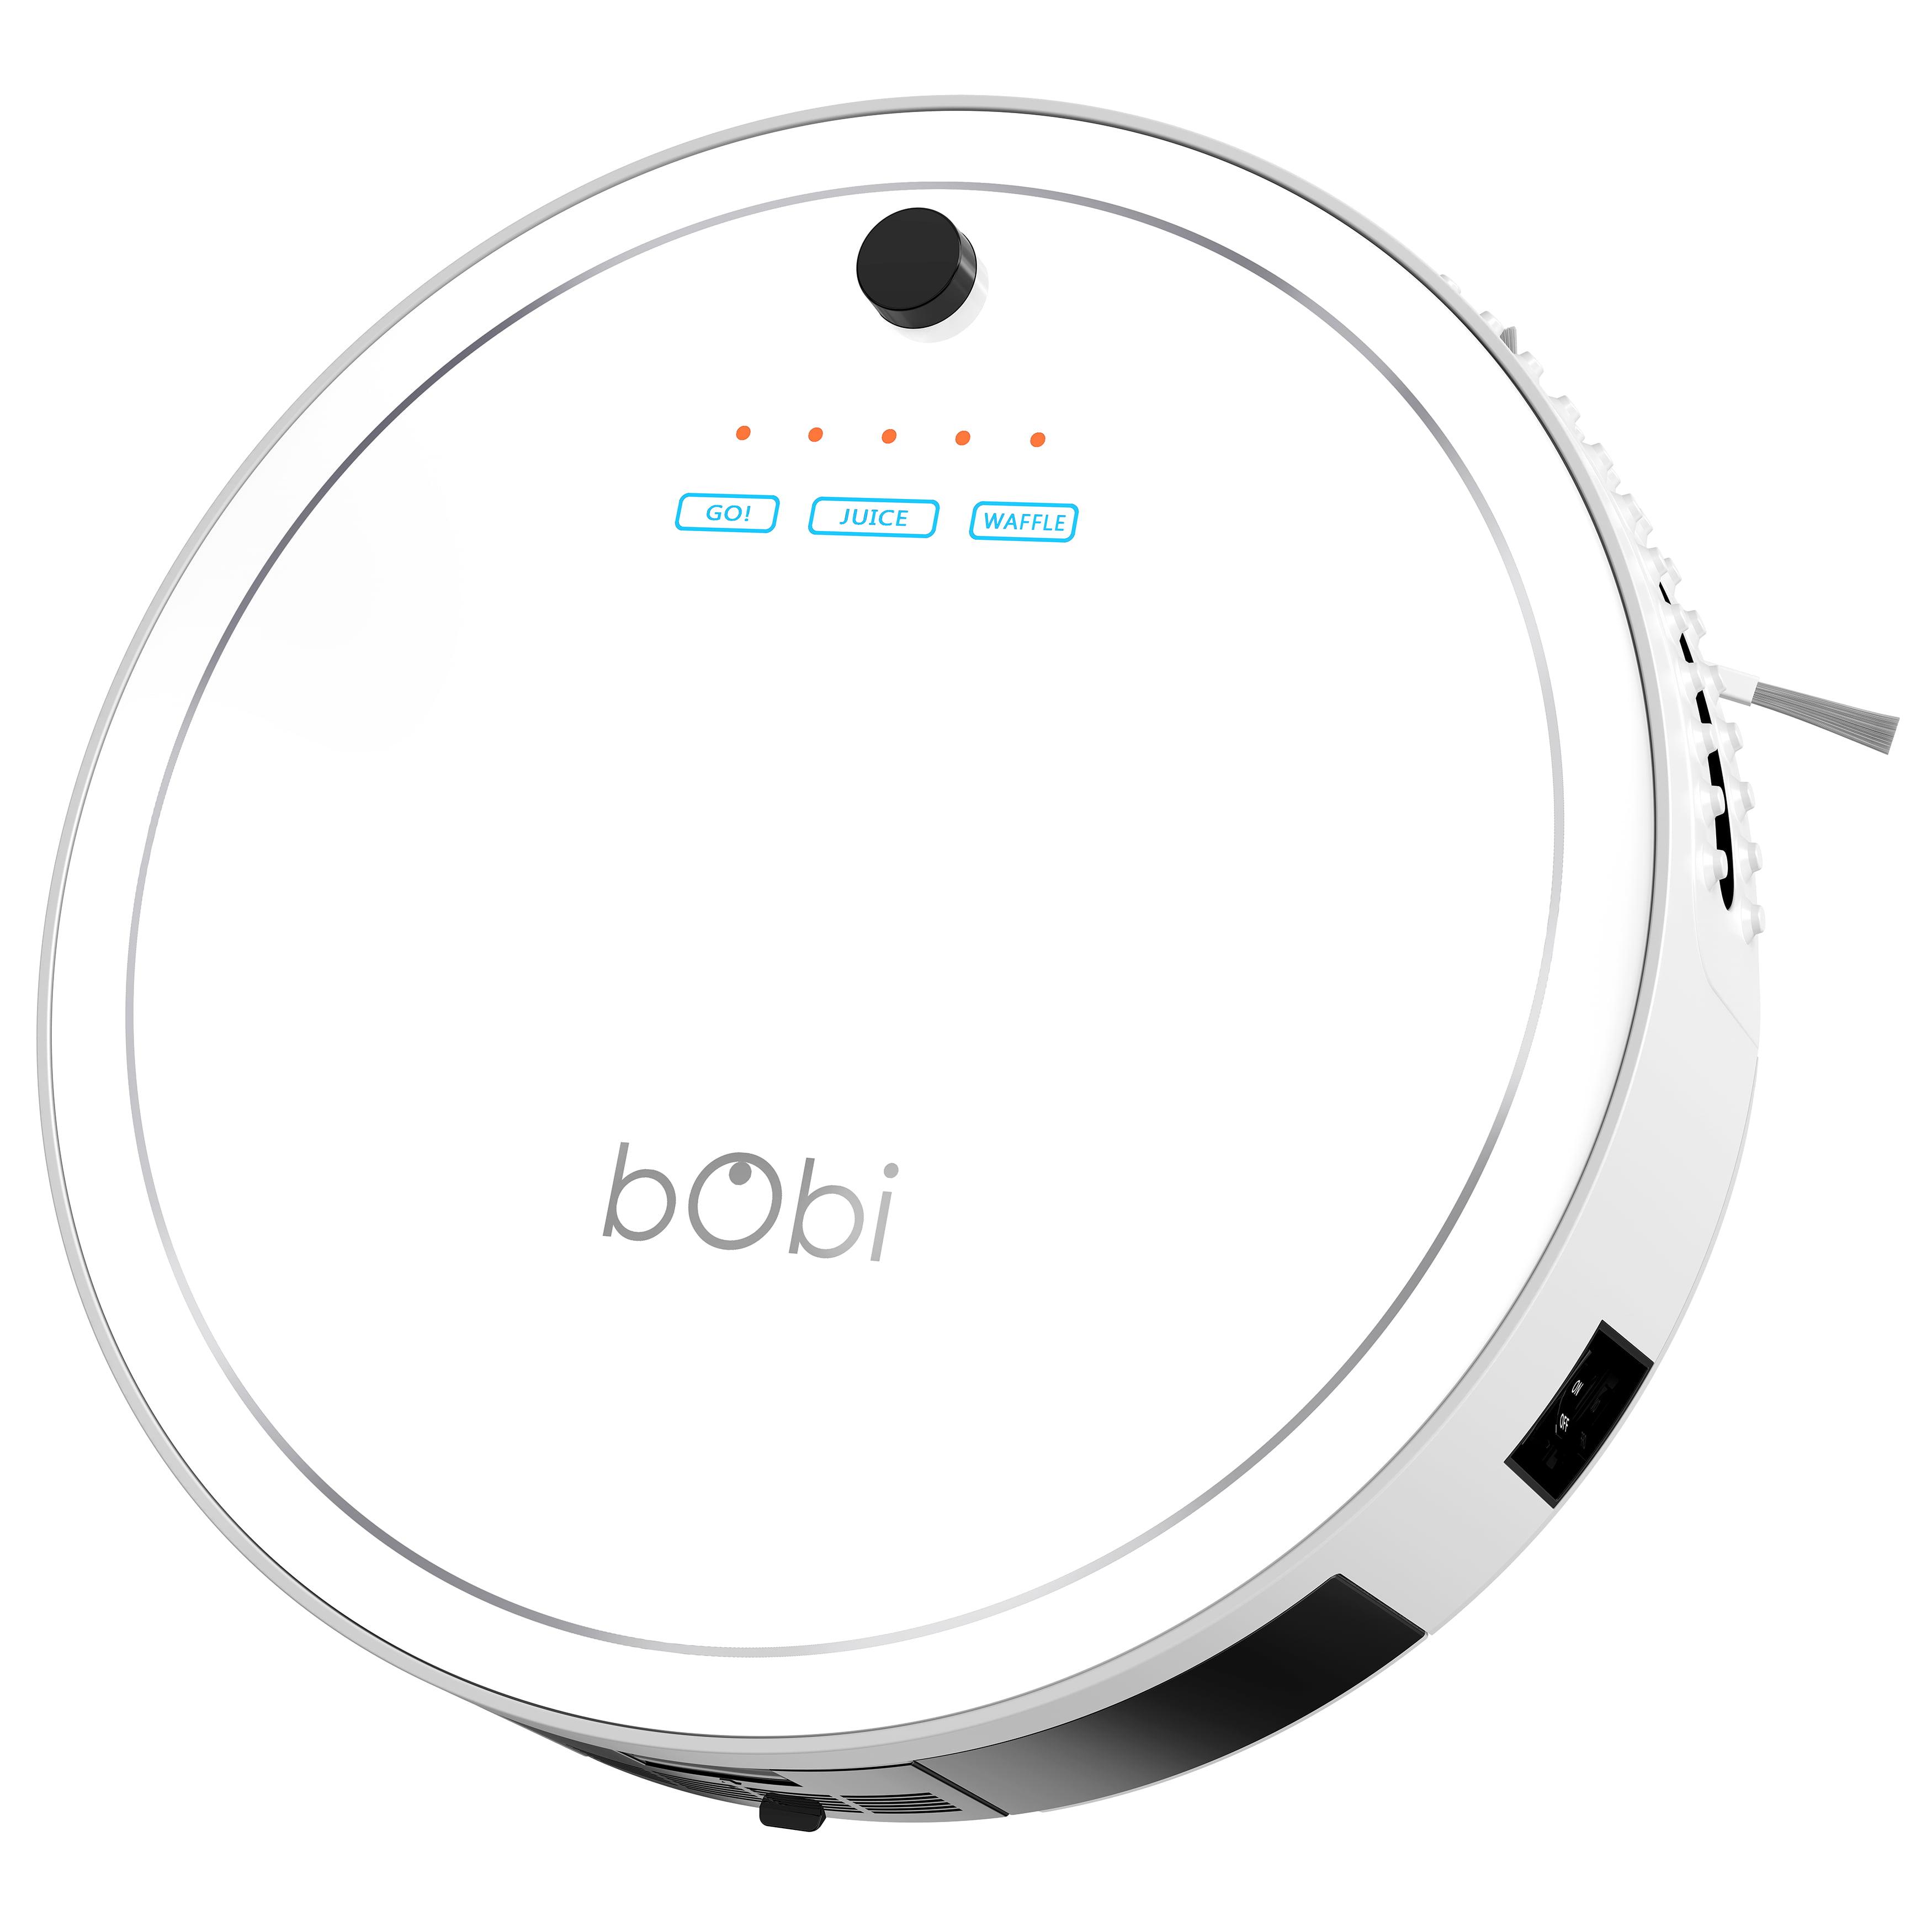 bObi Classic Robot Vacuum Cleaner, Snow